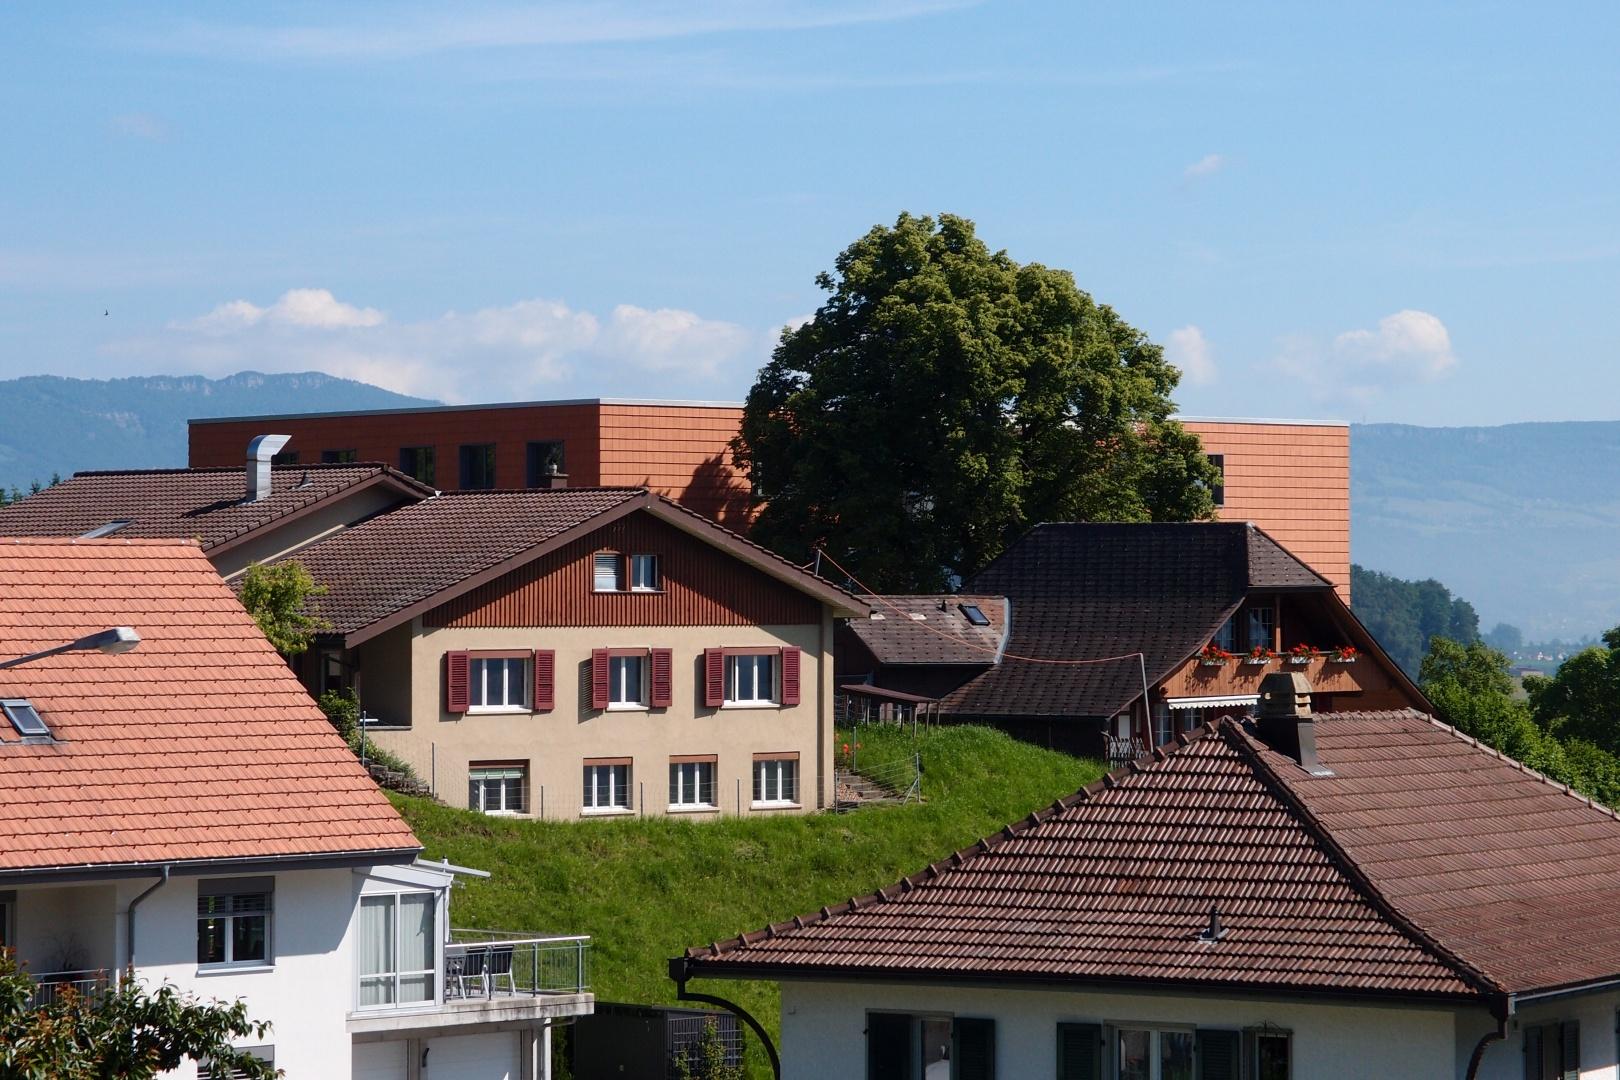 Ziegellandschaft © wwb architekten ag